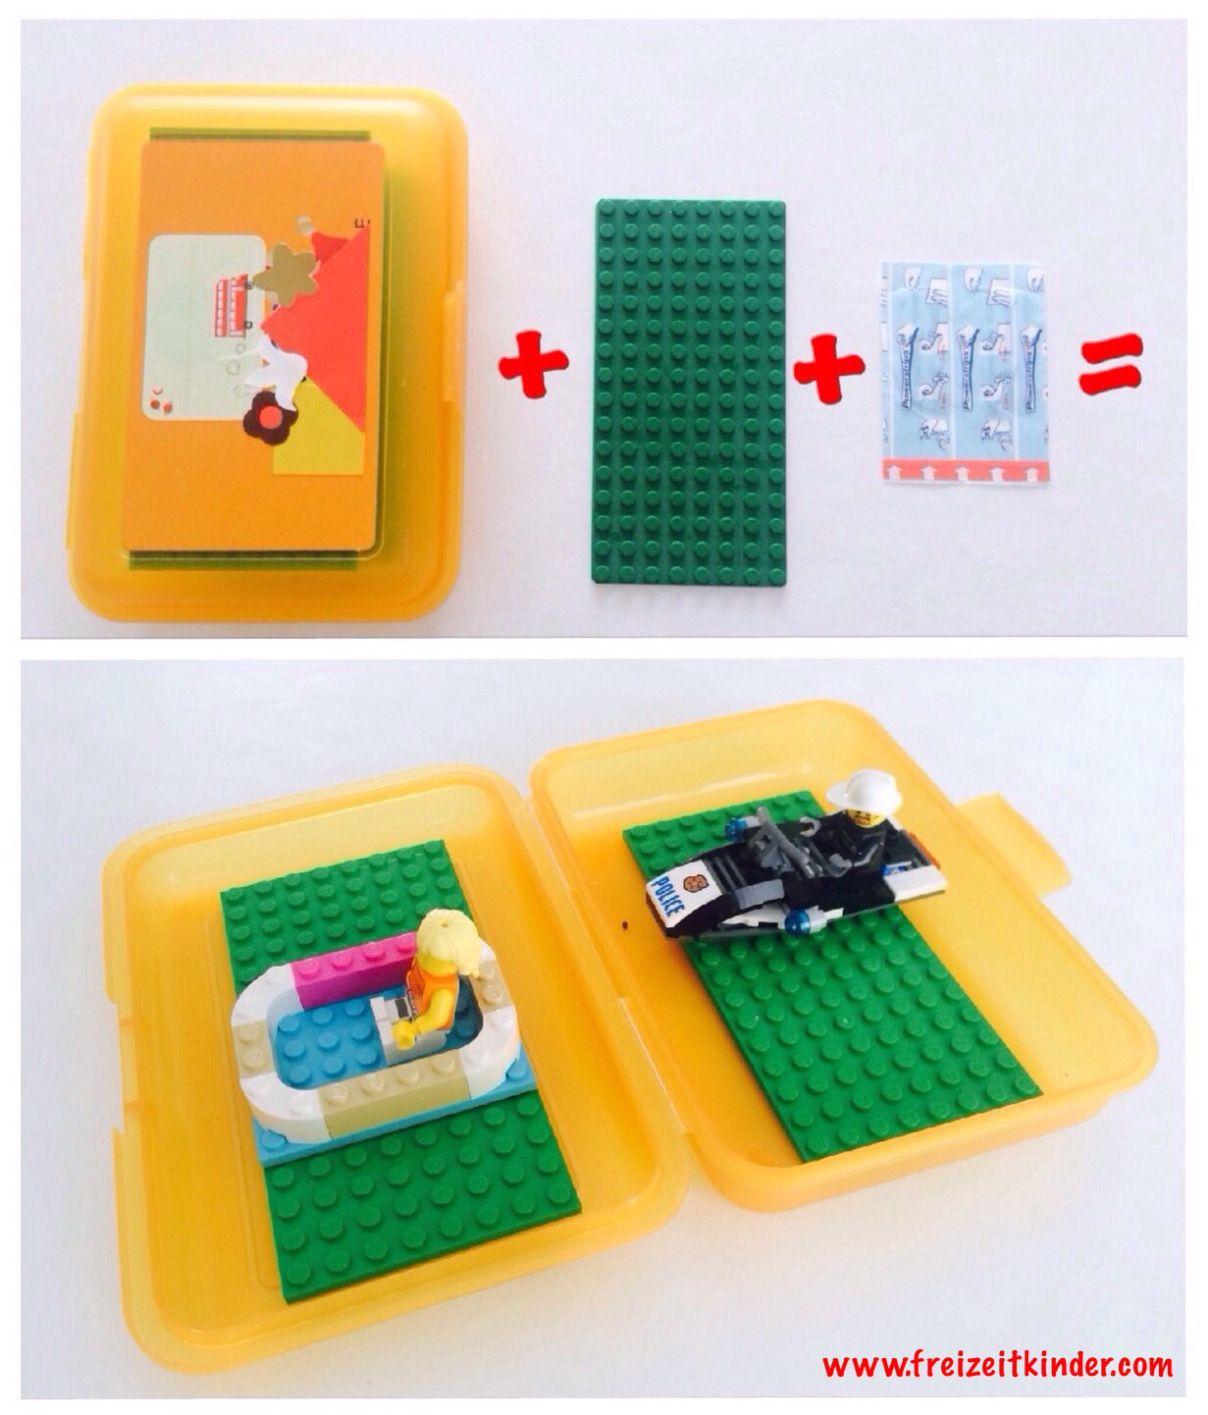 Lego in der brotdose spiele f r unterwegs besch ftigung - Flugzeug basteln mit kindern ...